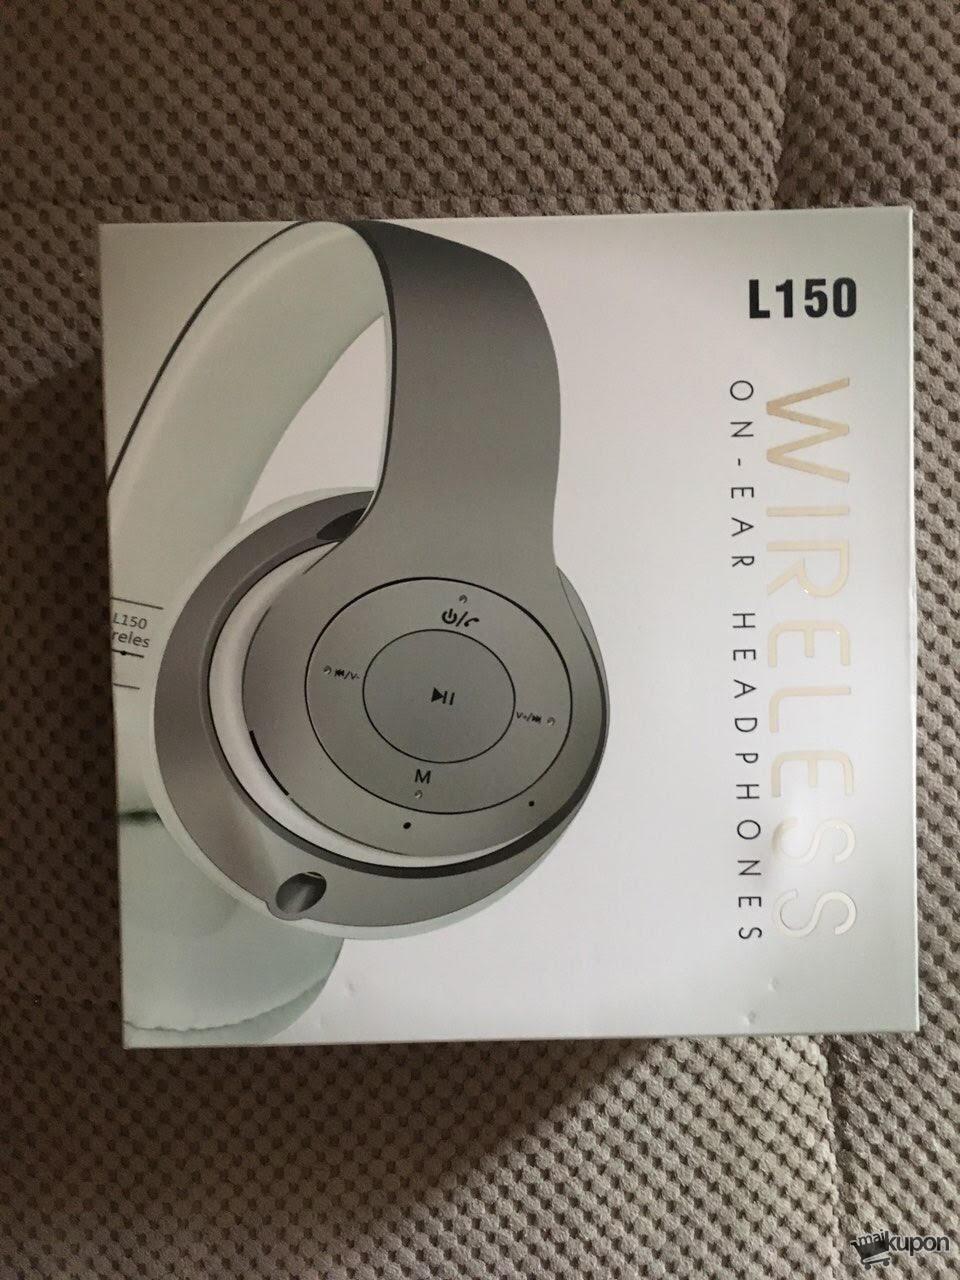 Bluetooth-os fejhallgató - 33%-os kupon · maikupon.hu 8ef581314c